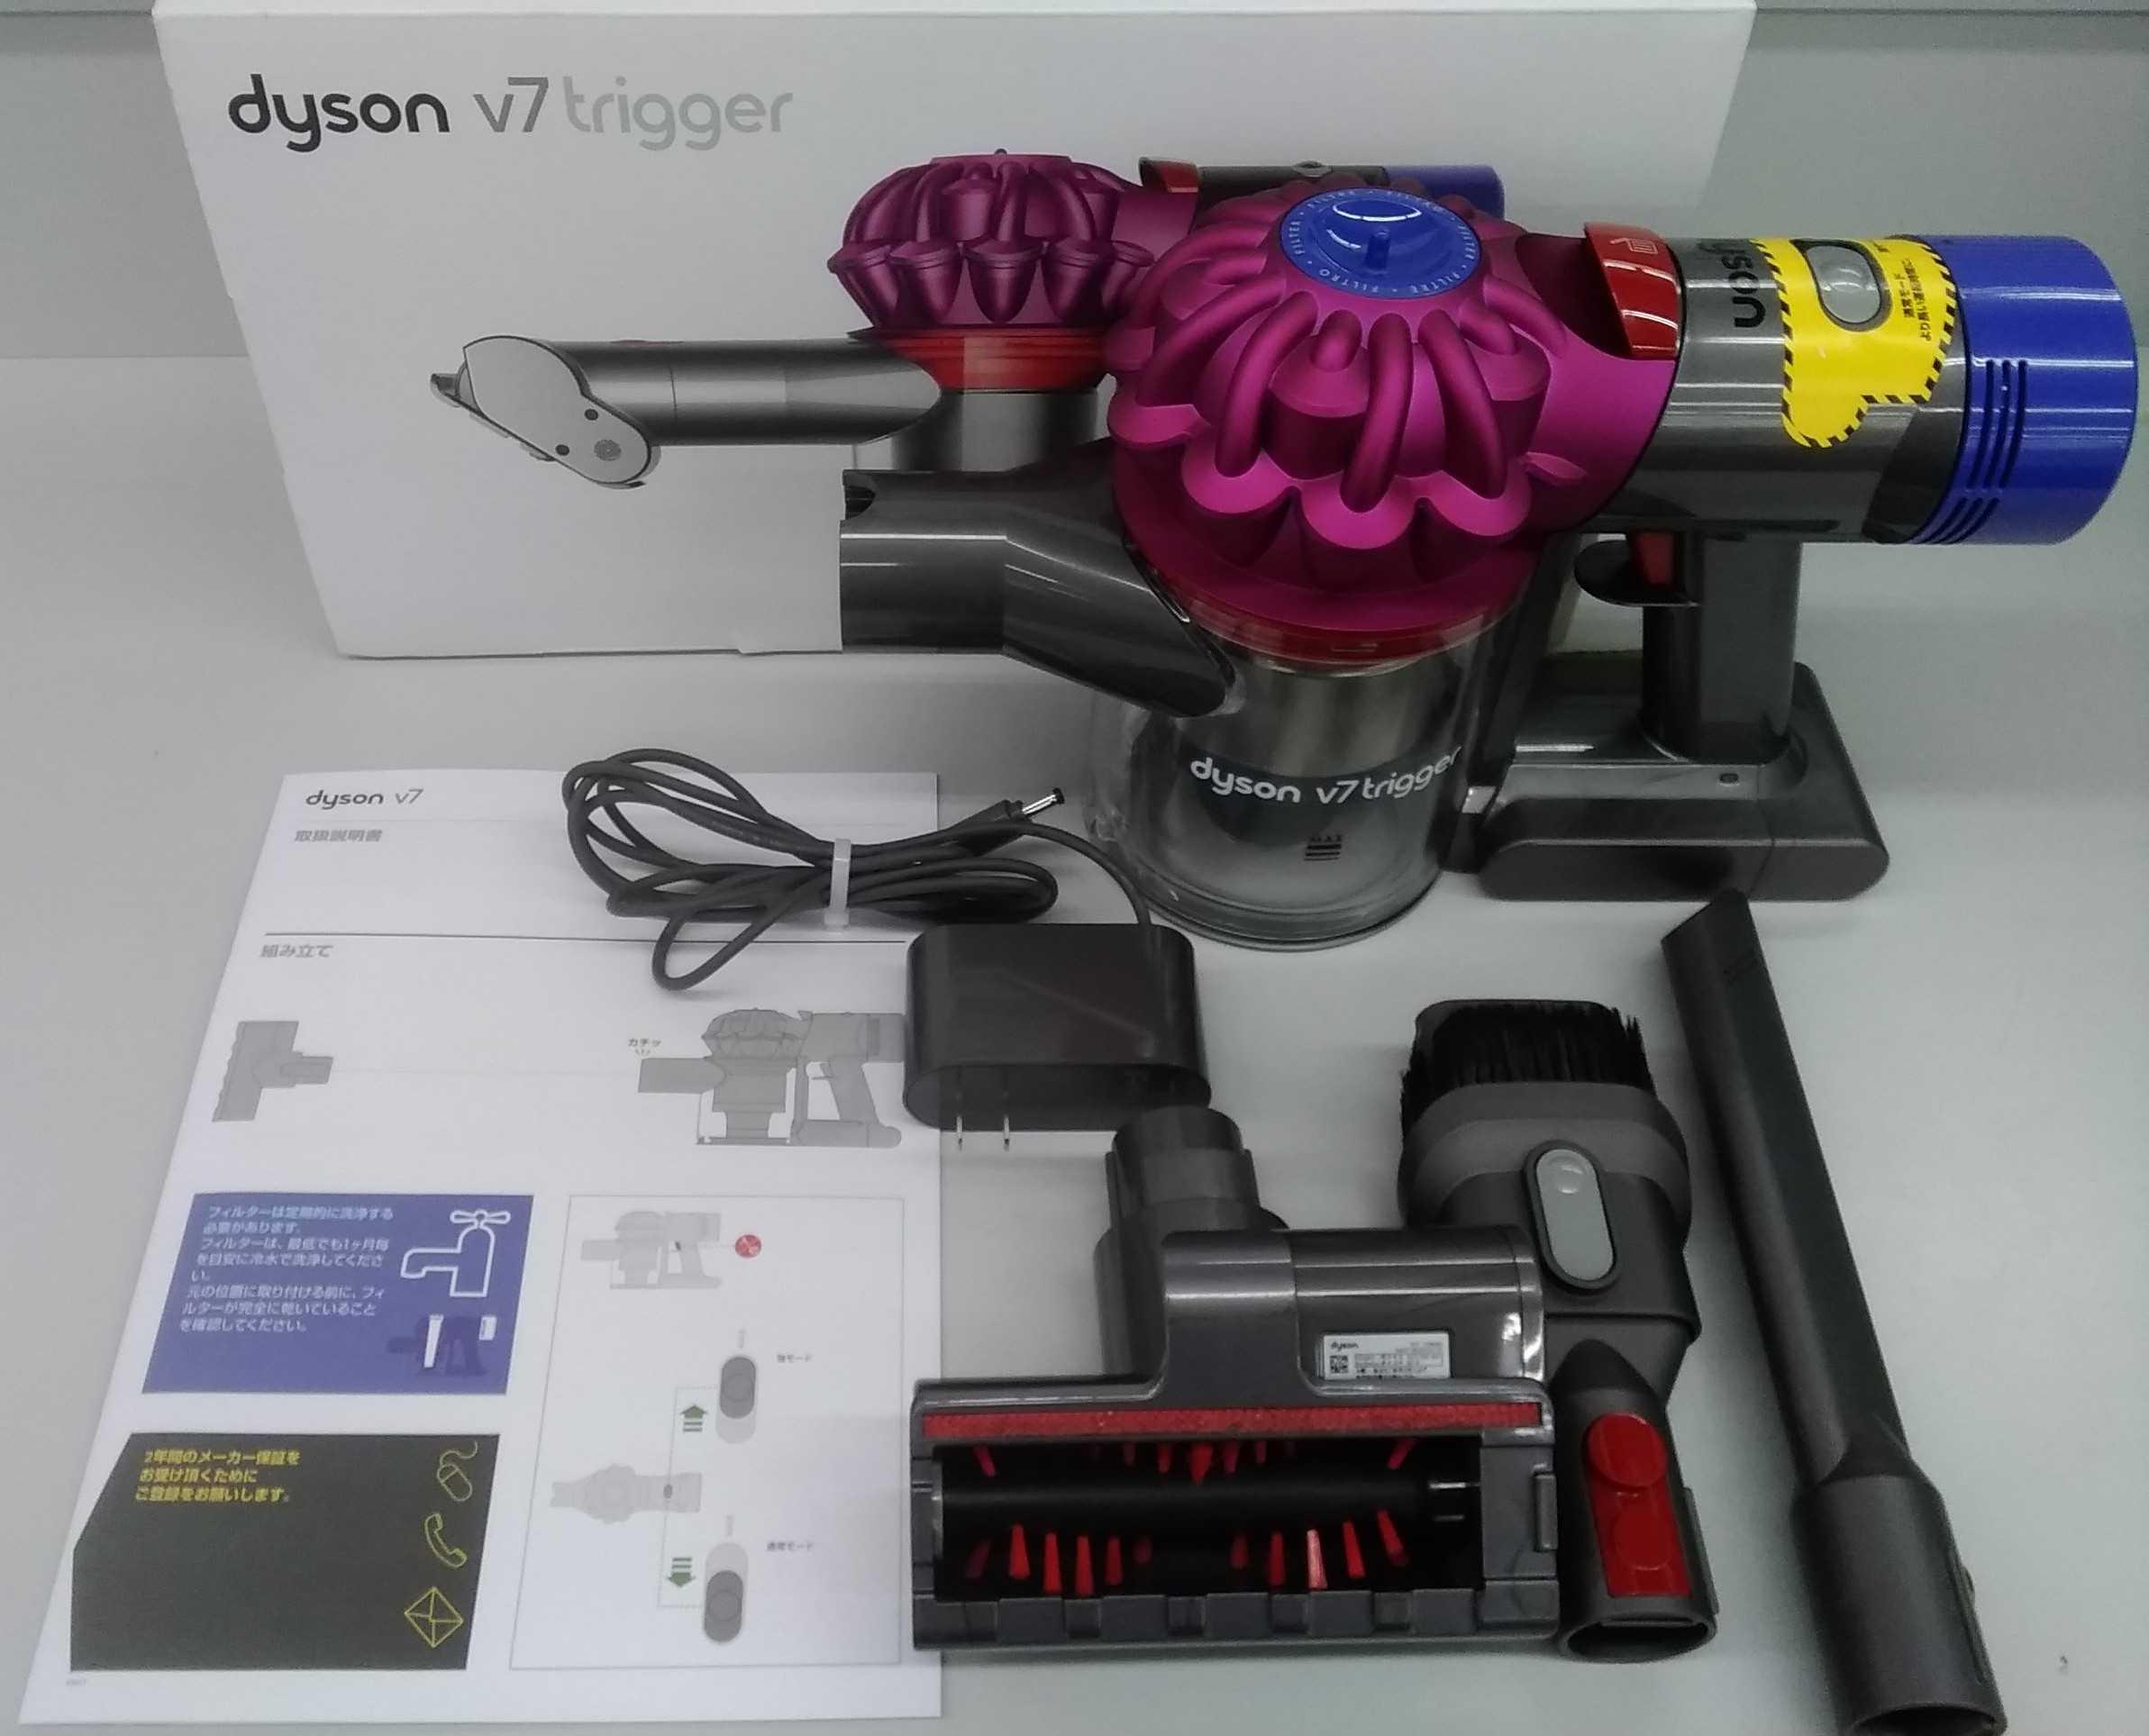 V7 TRIGGER|DYSON